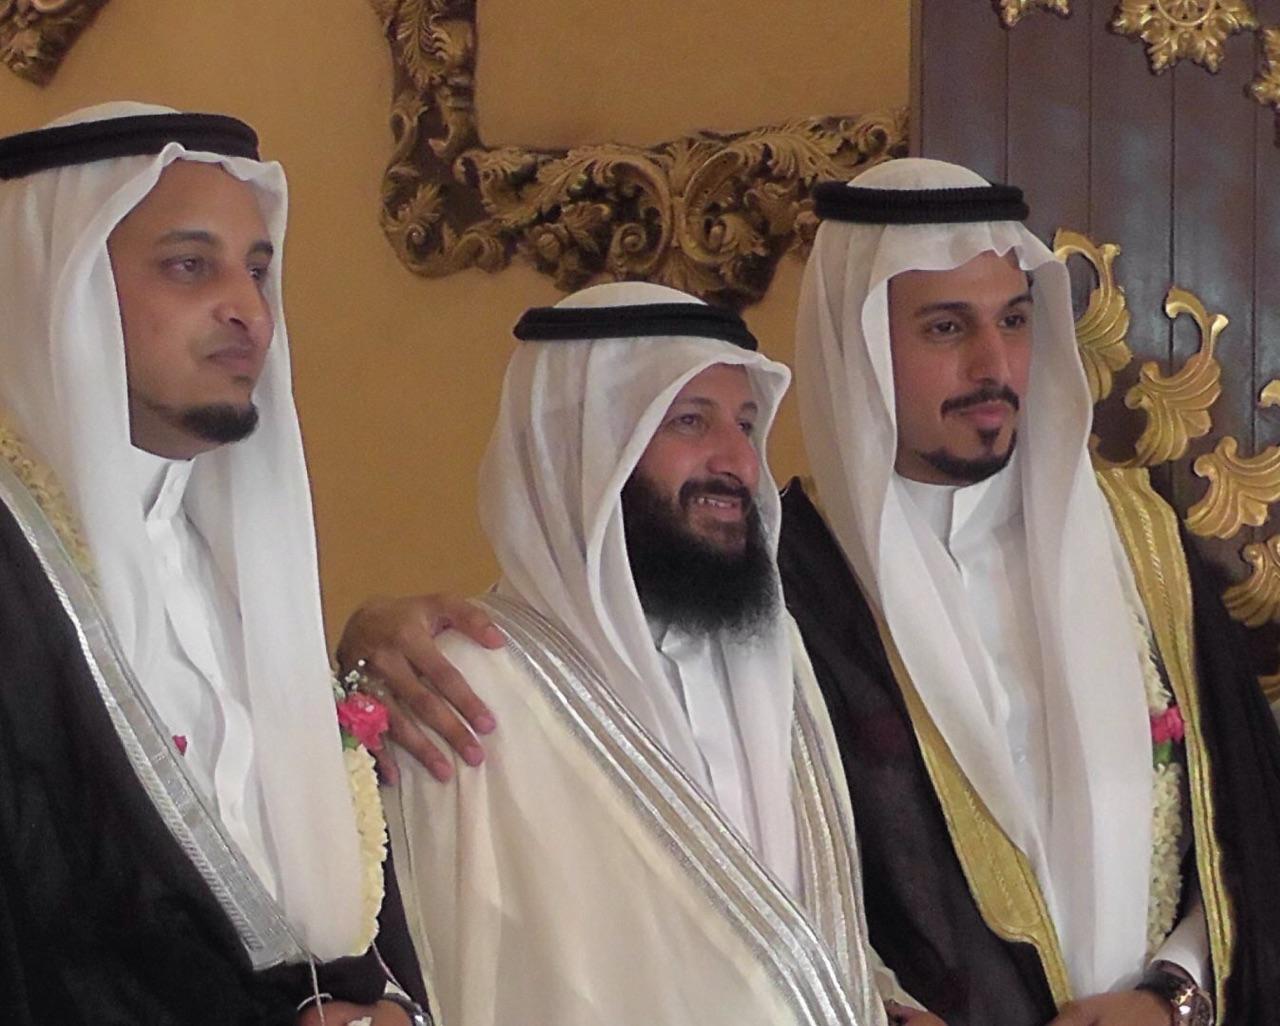 صوره# احتفال دوس وشوك بزواجهم